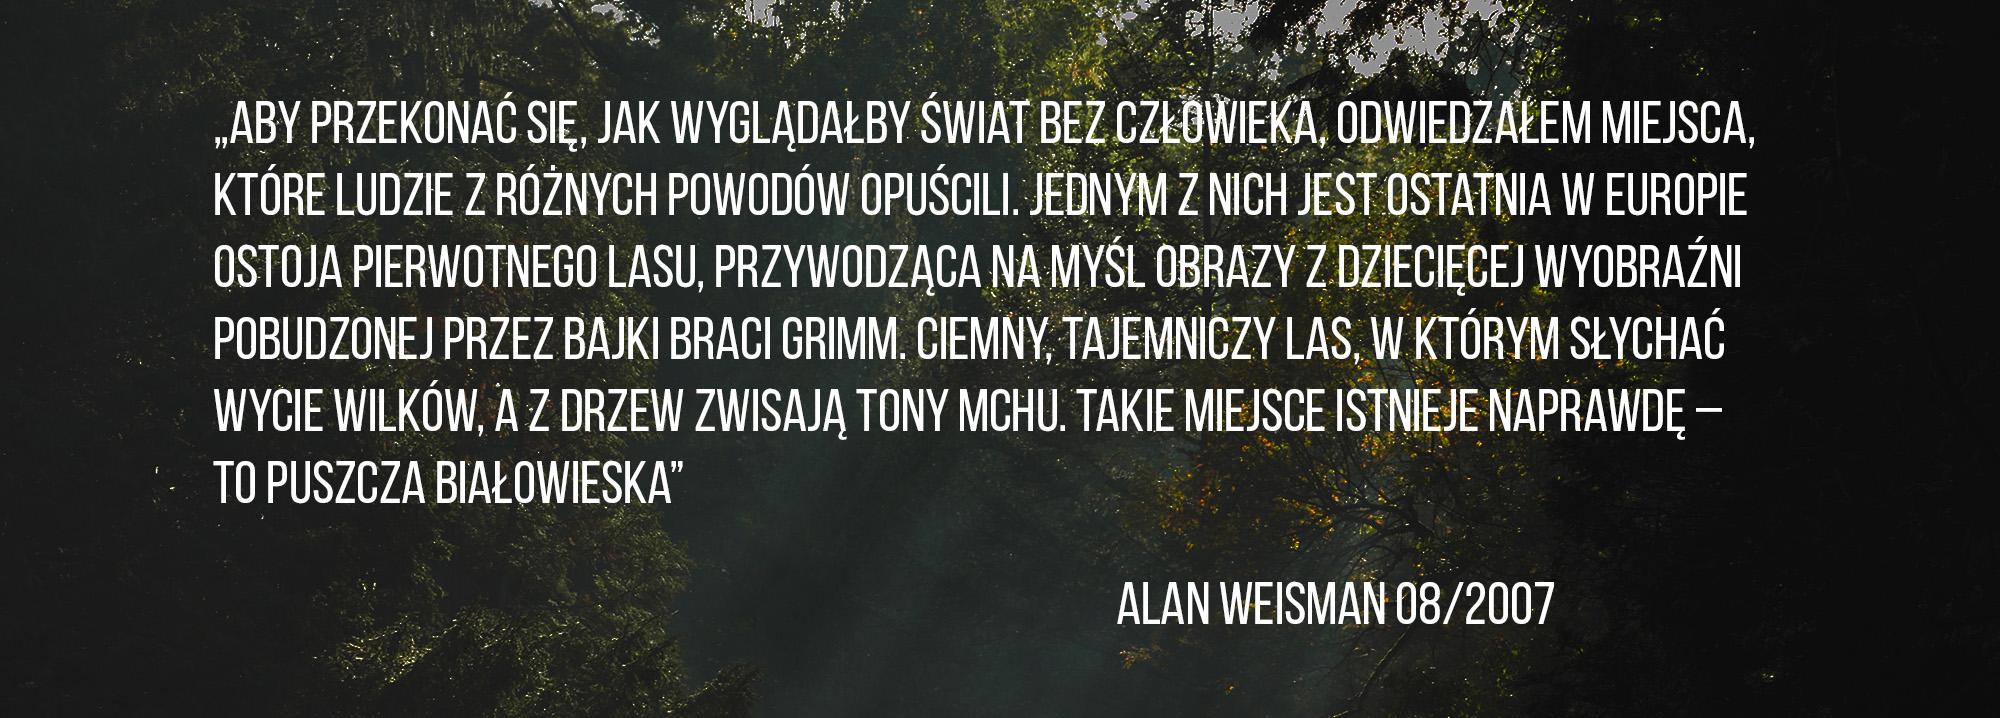 cytat-puszcza-bialowieska